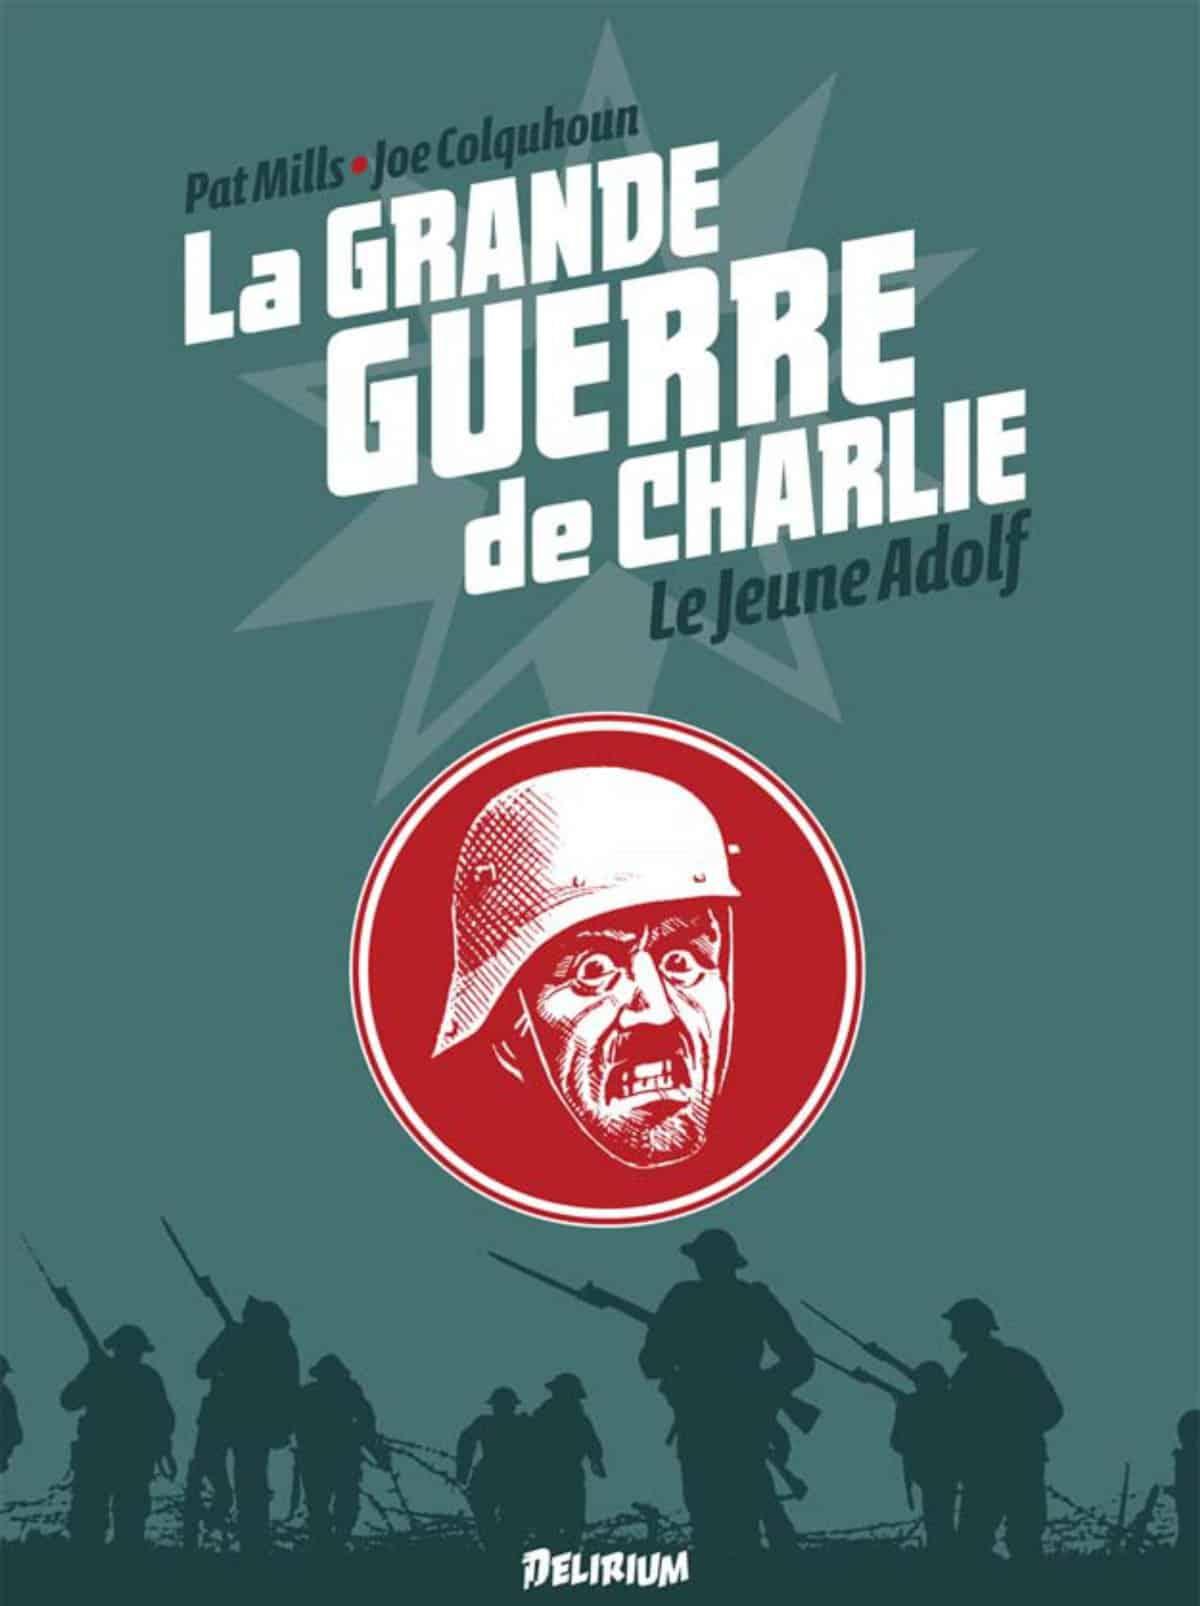 La Grande Guerre de Charlie reçoit le label Centenaire de la commémoration de 14-18